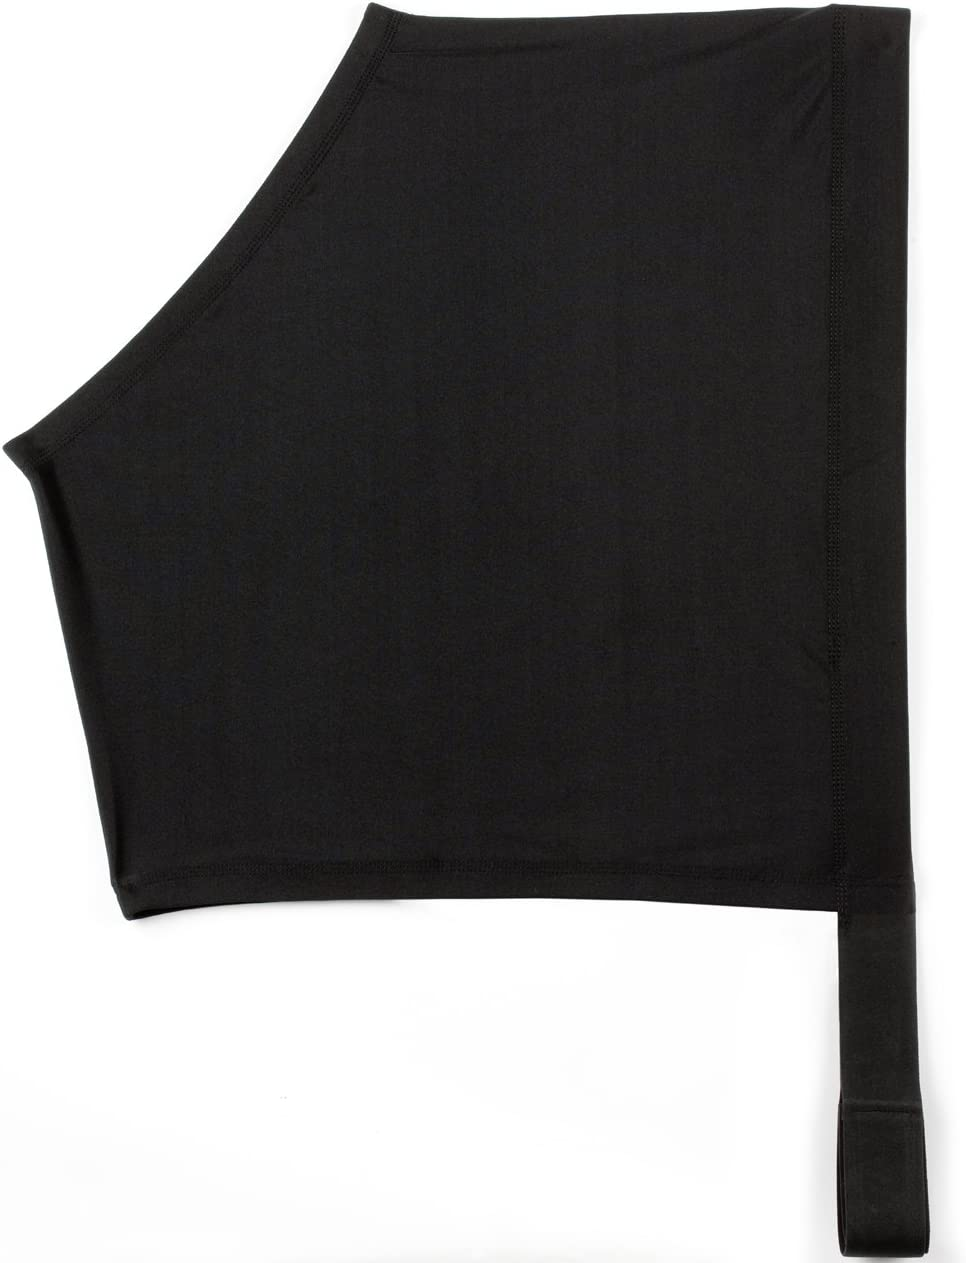 USG Slicker - Correa elástica para Hombro (Licra elástica en 4 direcciones, Cierre de Velcro, Talla L), Color Negro